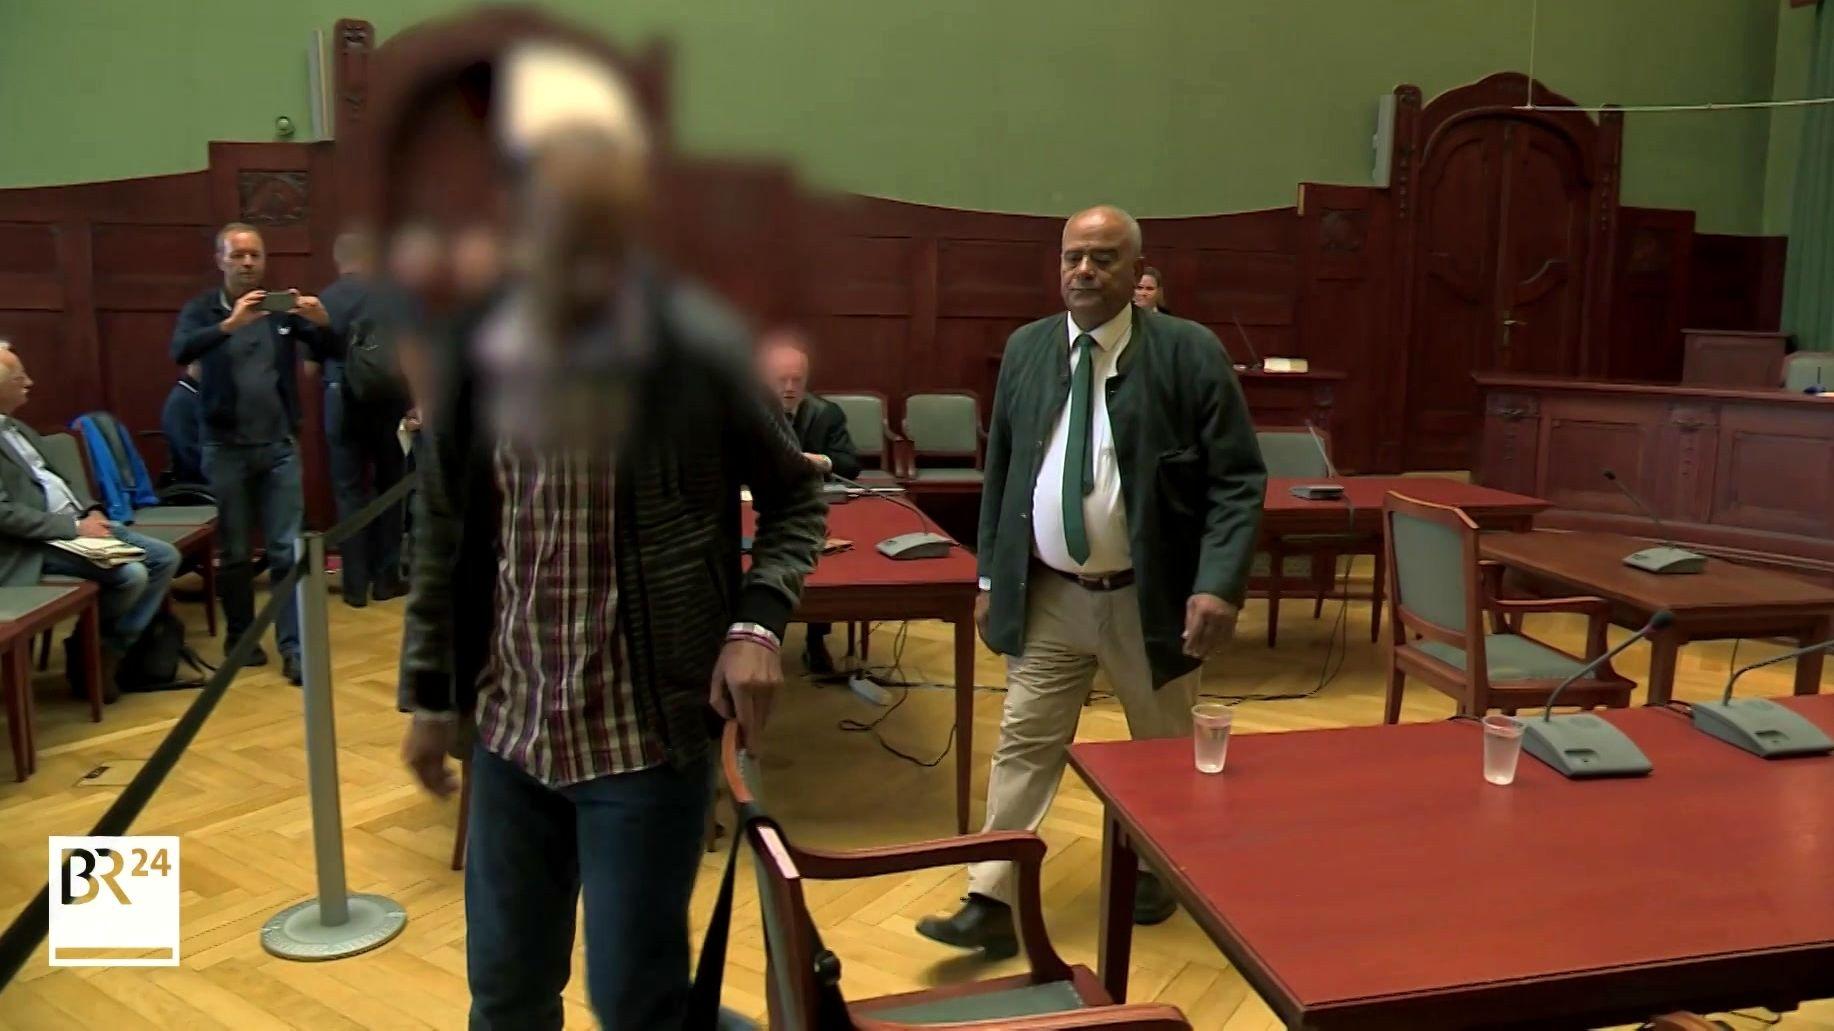 Der Angeklagte im Gerichtssaal in Bayreuth